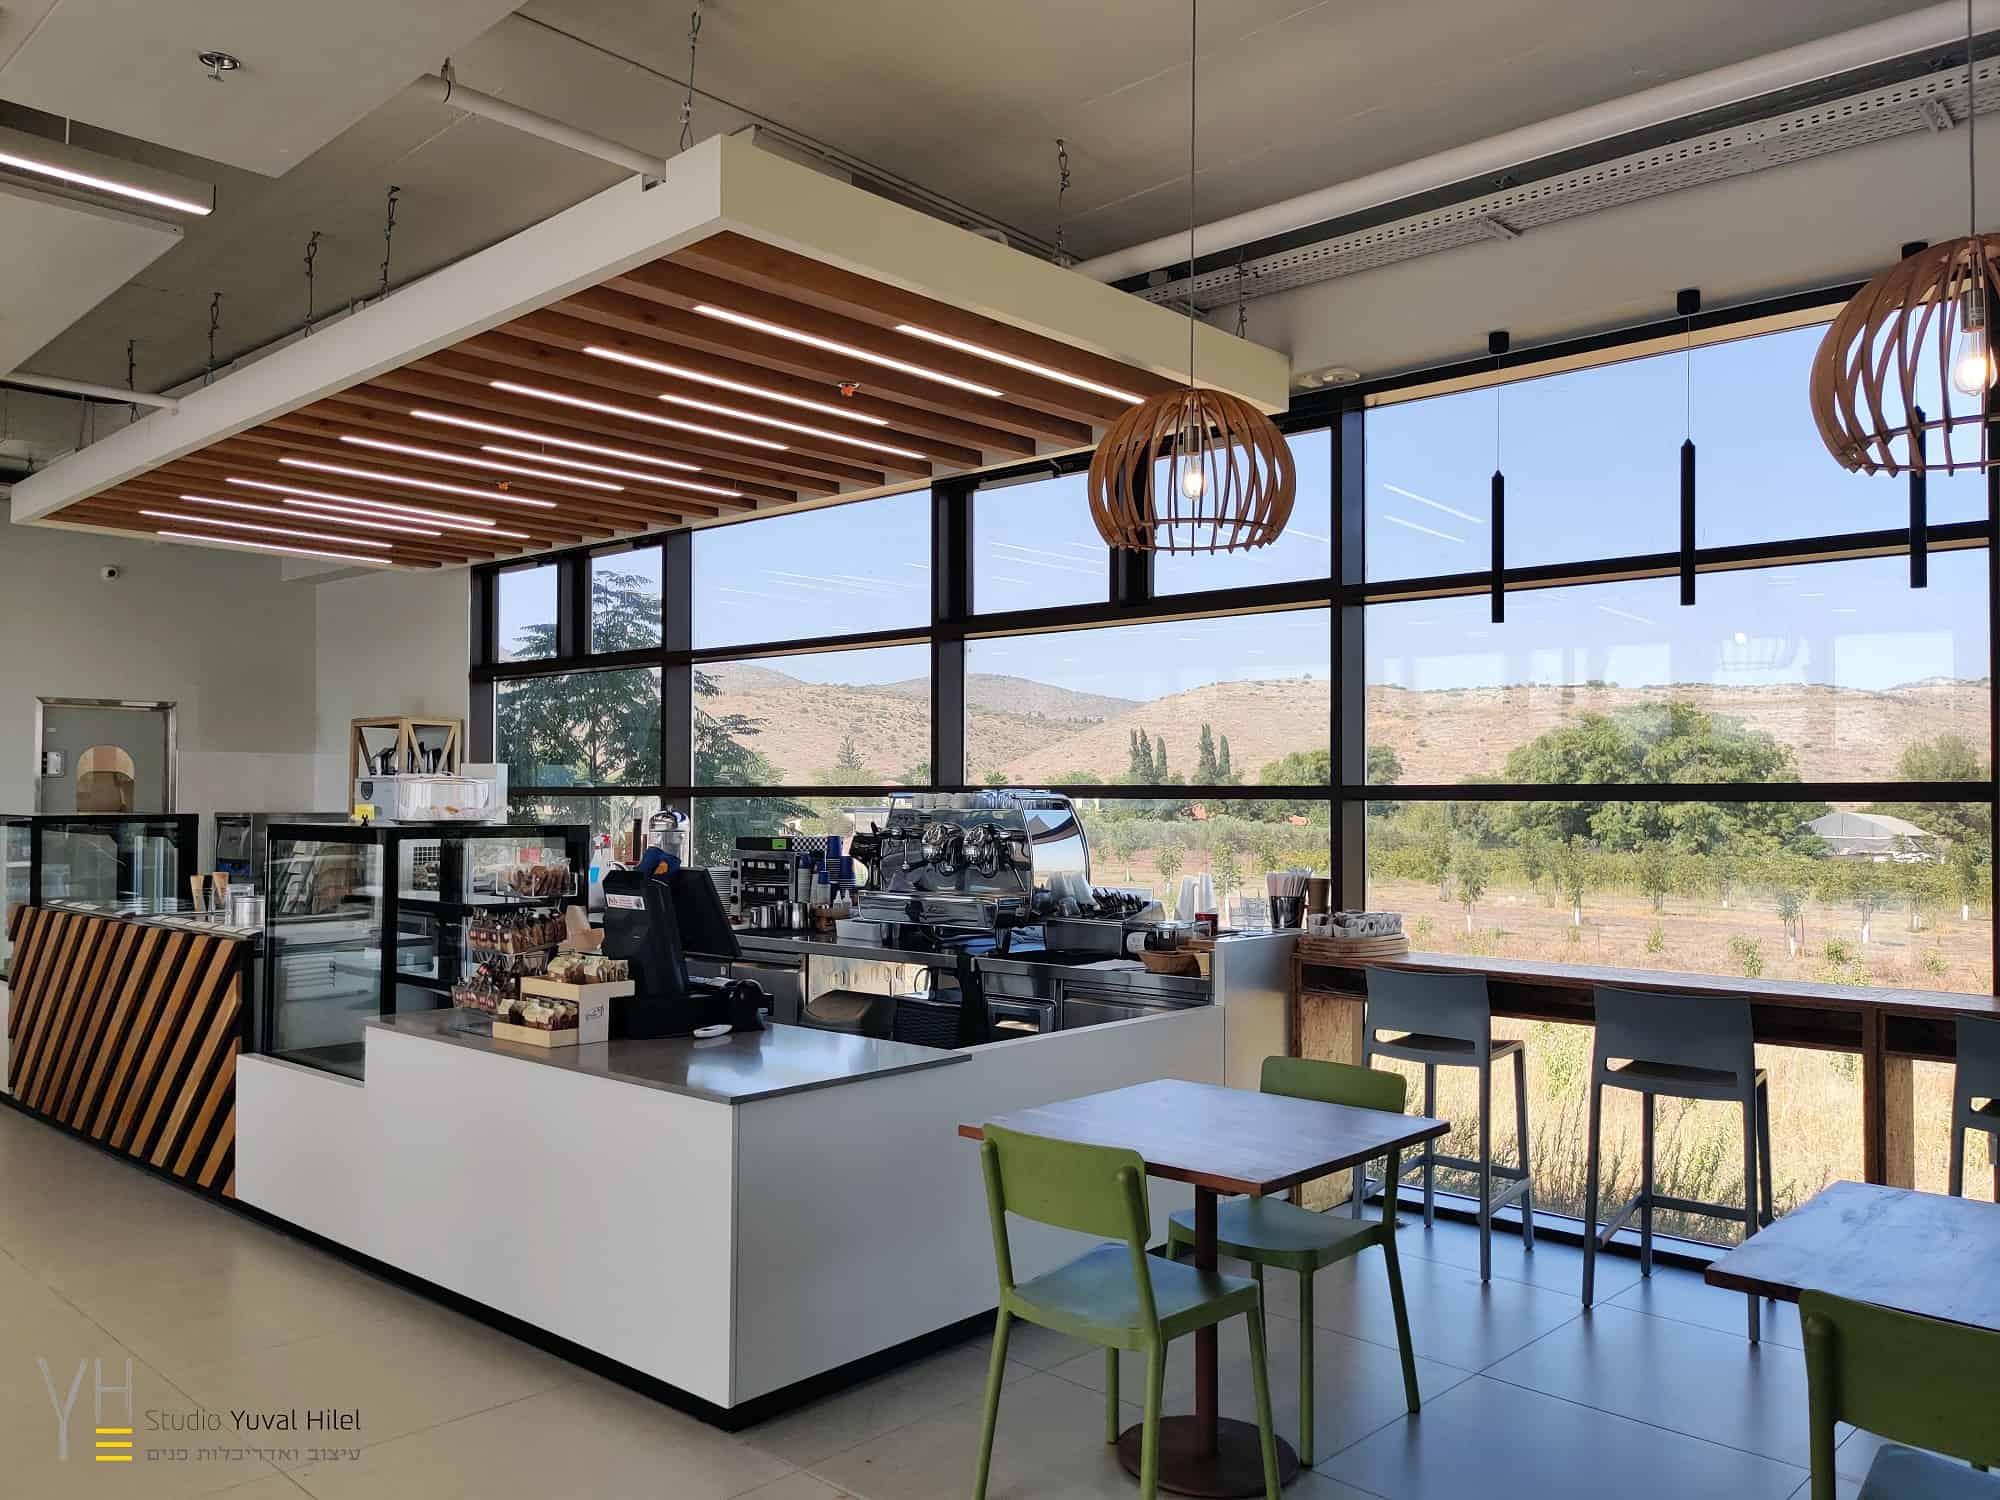 עיצוב בתי קפה - Buy The Way. Drive